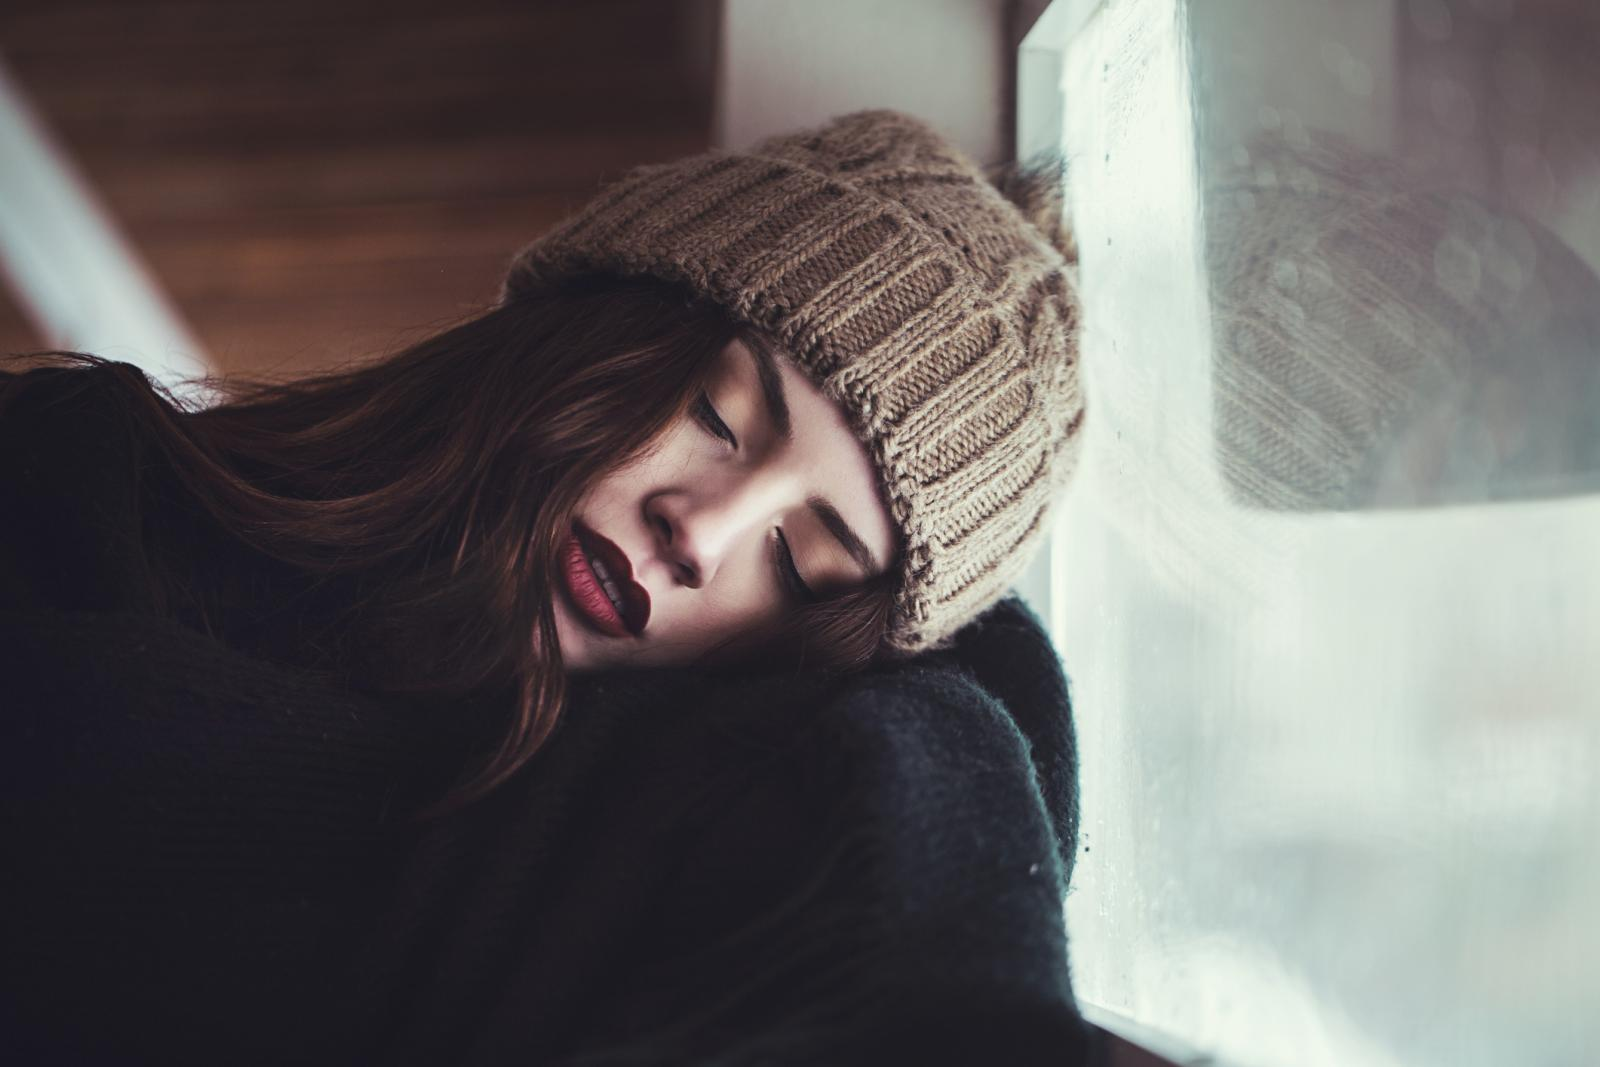 Što kad se nekoliko nemirnih noći pretvori u kronični nedostatak sna?